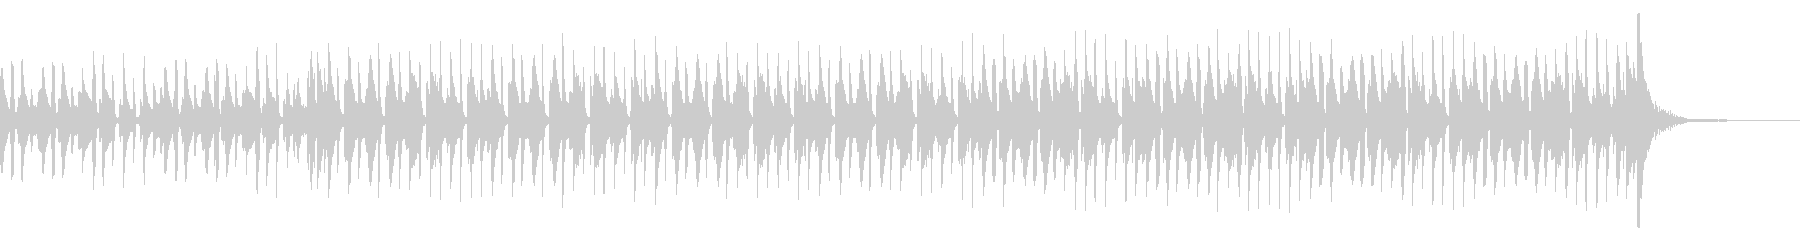 口笛が印象的なハワイアンの未再生の波形